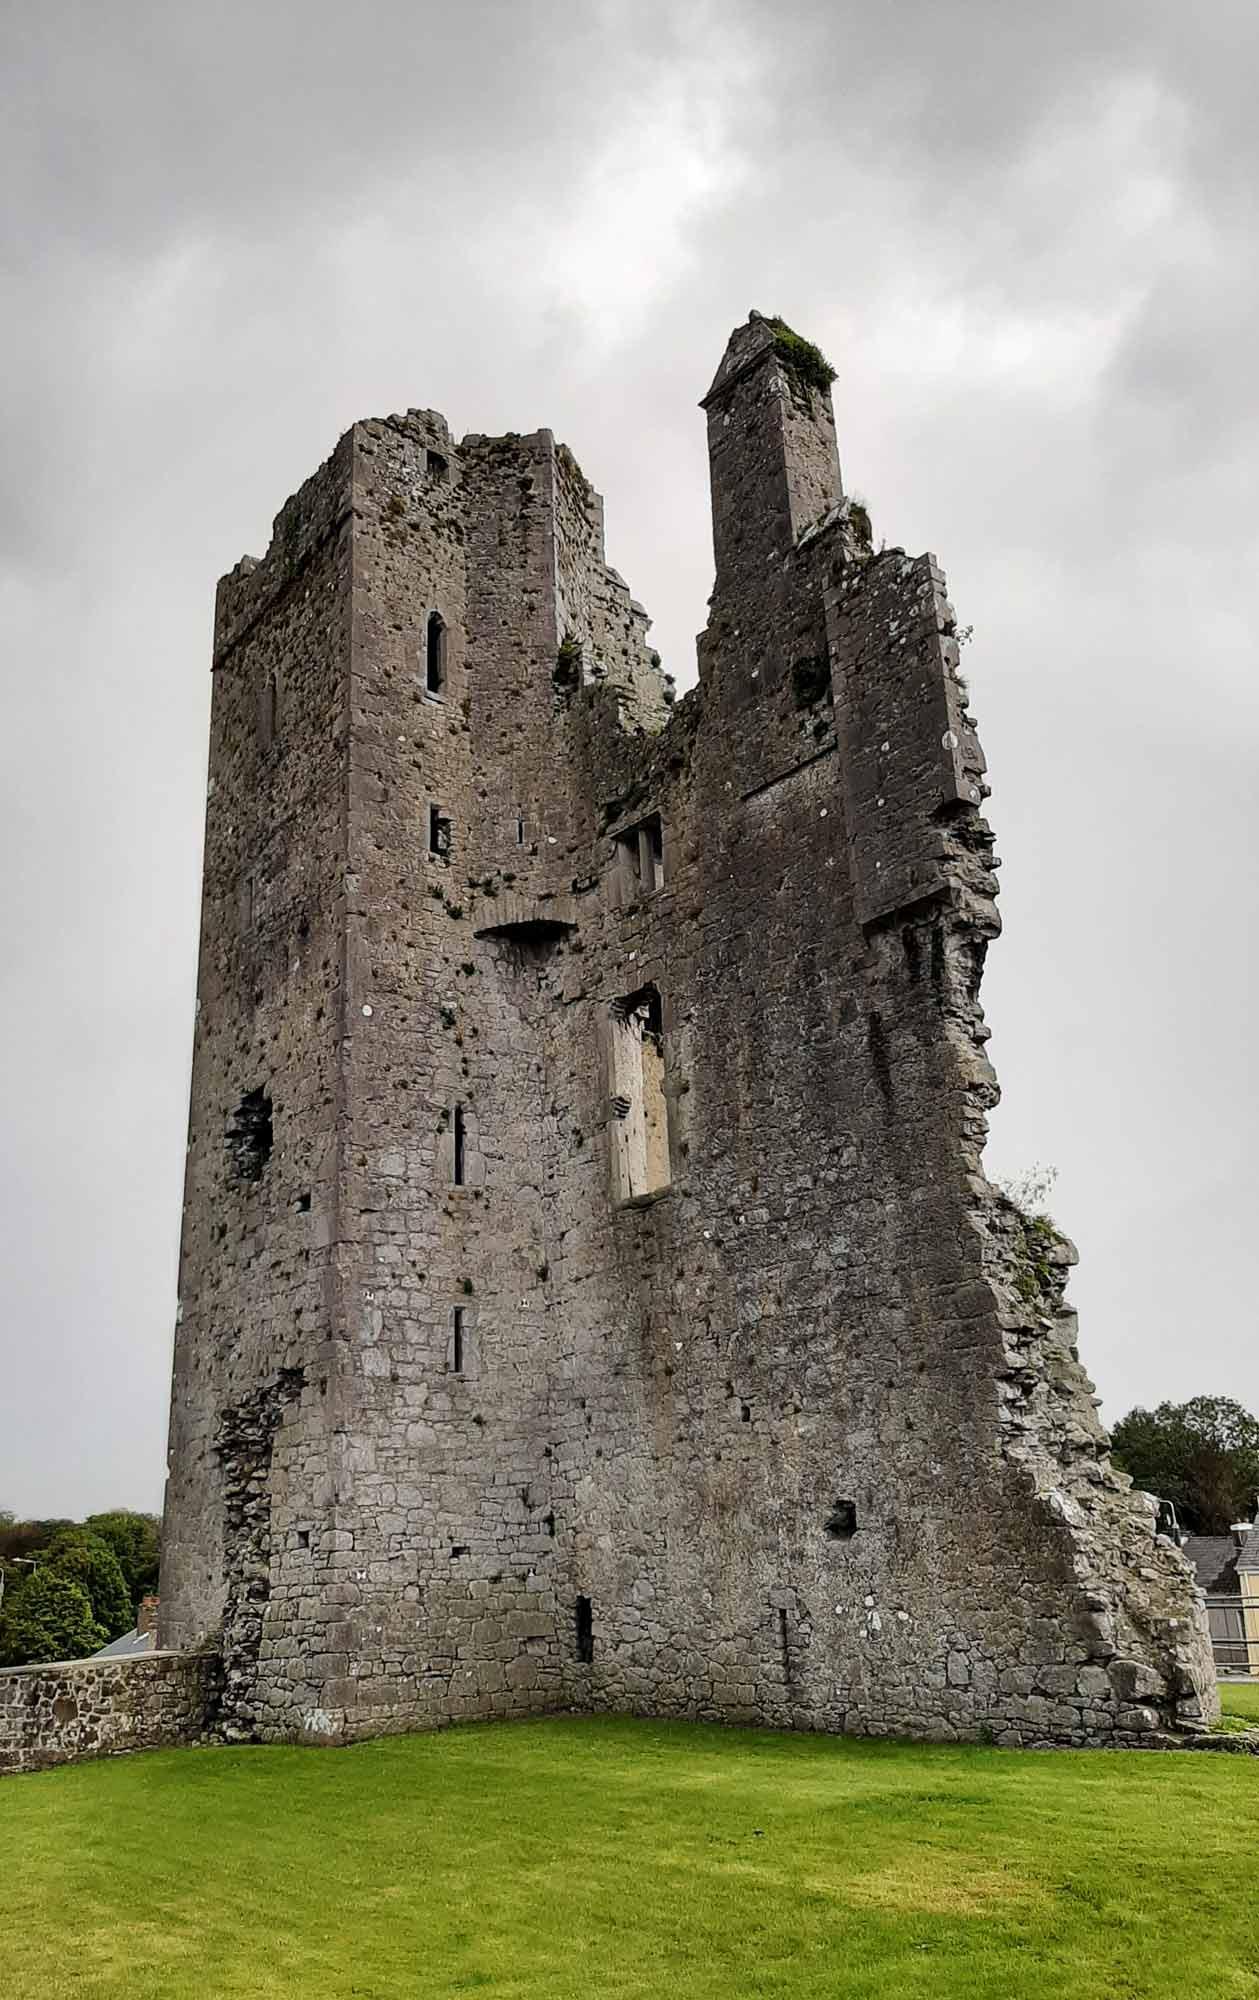 Askeaton Castle